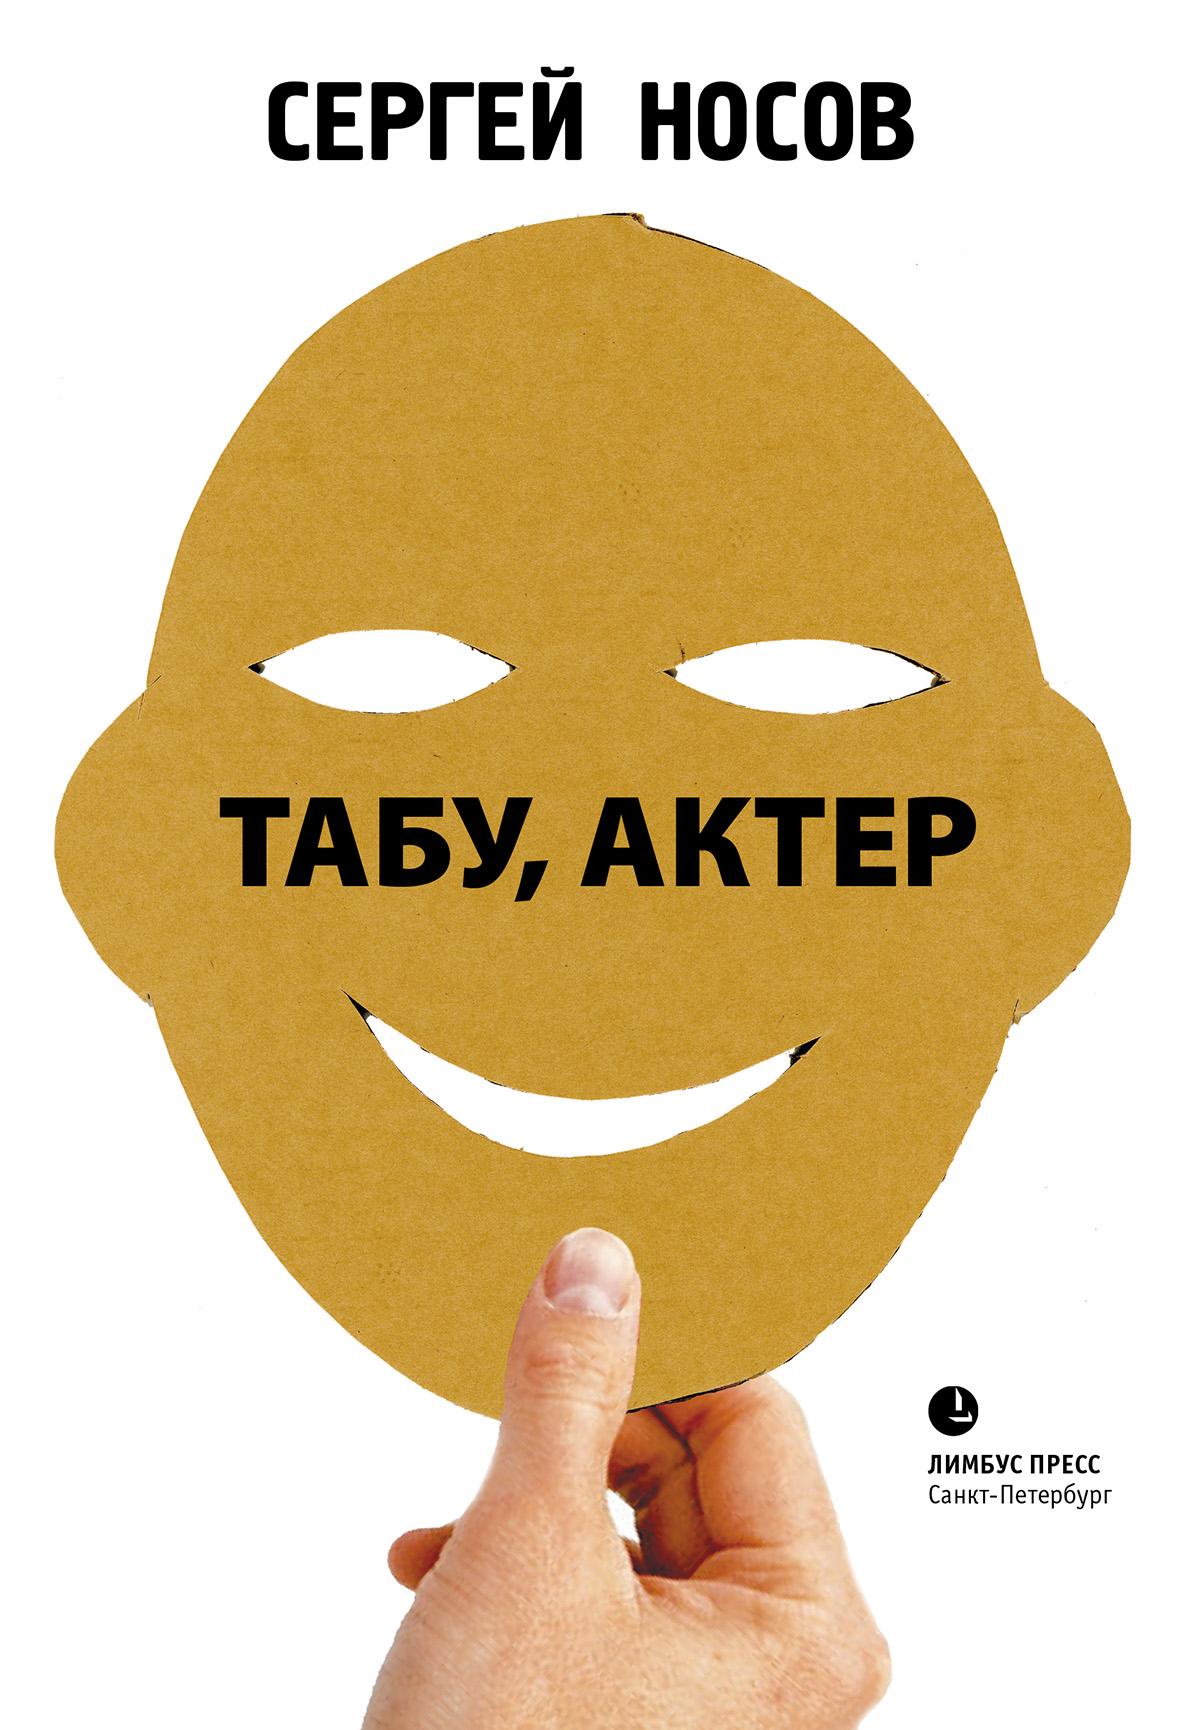 Сергей Носов Табу, актер!